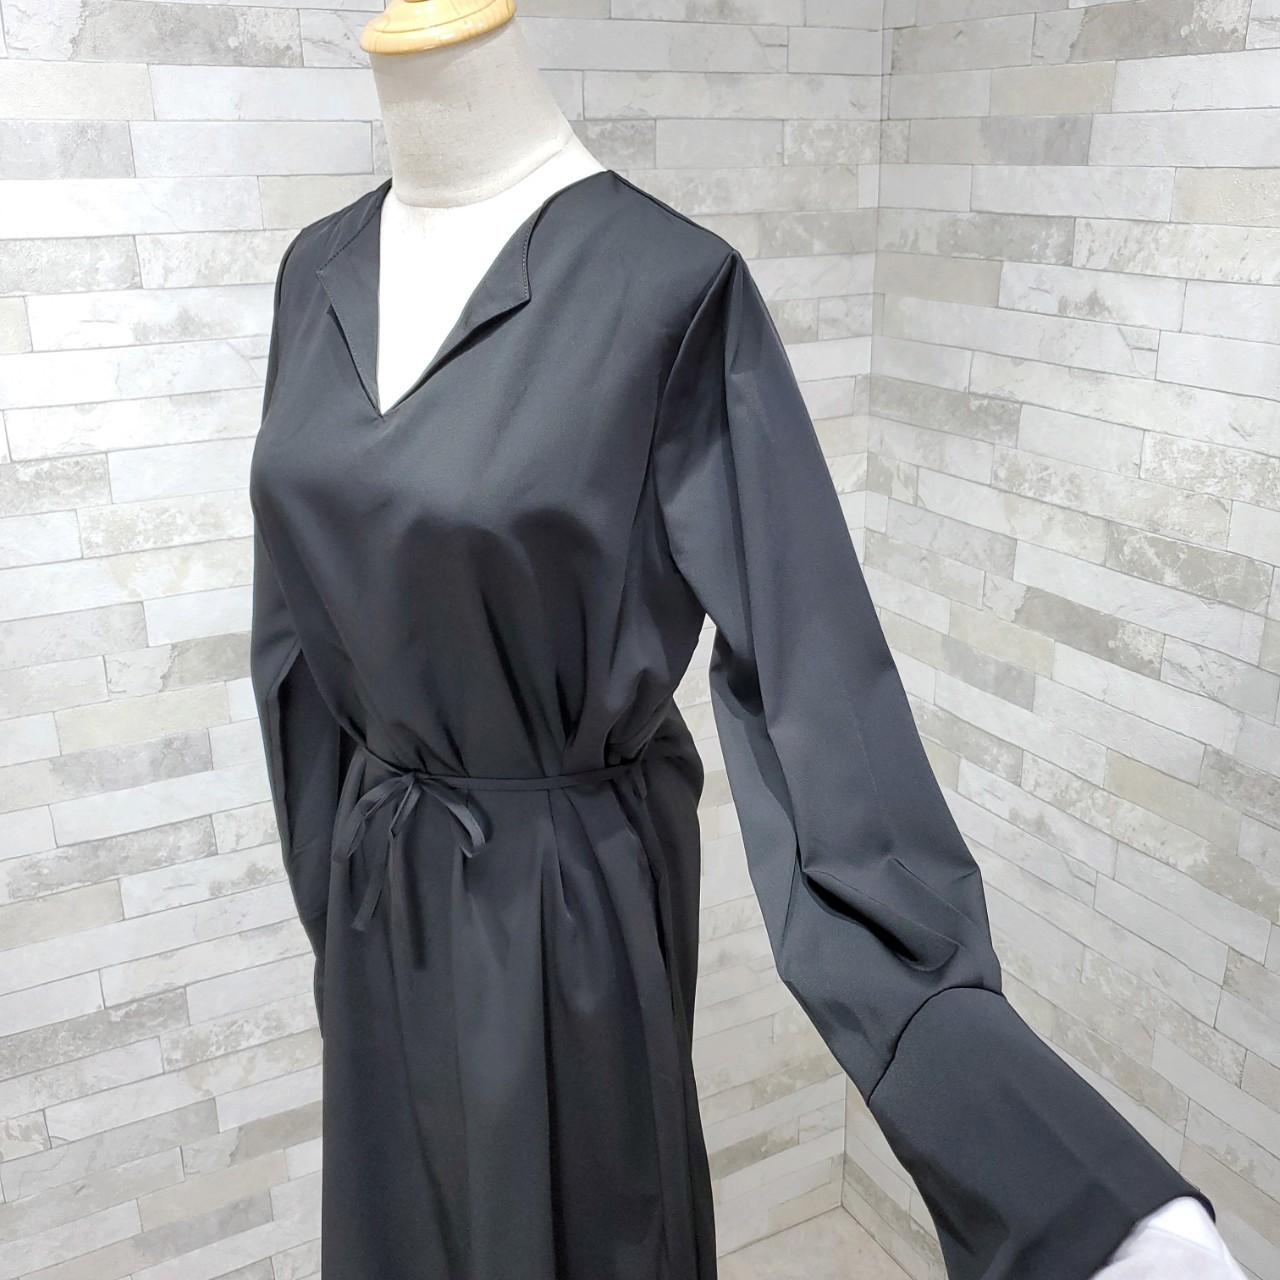 韓国 ファッション ワンピース 春 秋 冬 カジュアル PTXH448  とろみ素材 アシンメトリー ベーシック 着回し オルチャン シンプル 定番 セレカジの写真16枚目